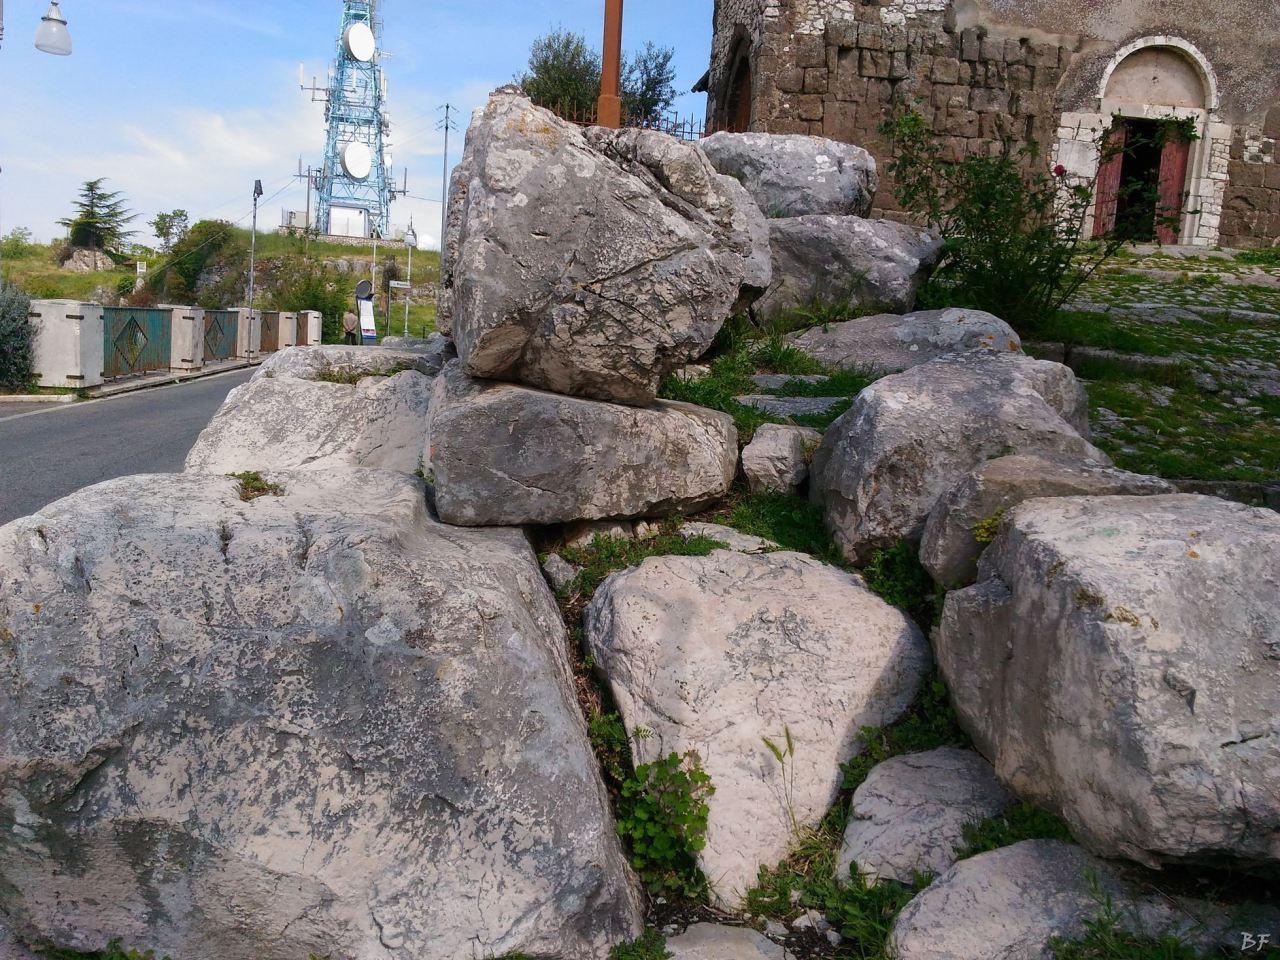 Signia-Mura-Poligonali-Megalitiche-Segni-Roma-Lazio-Italia-29